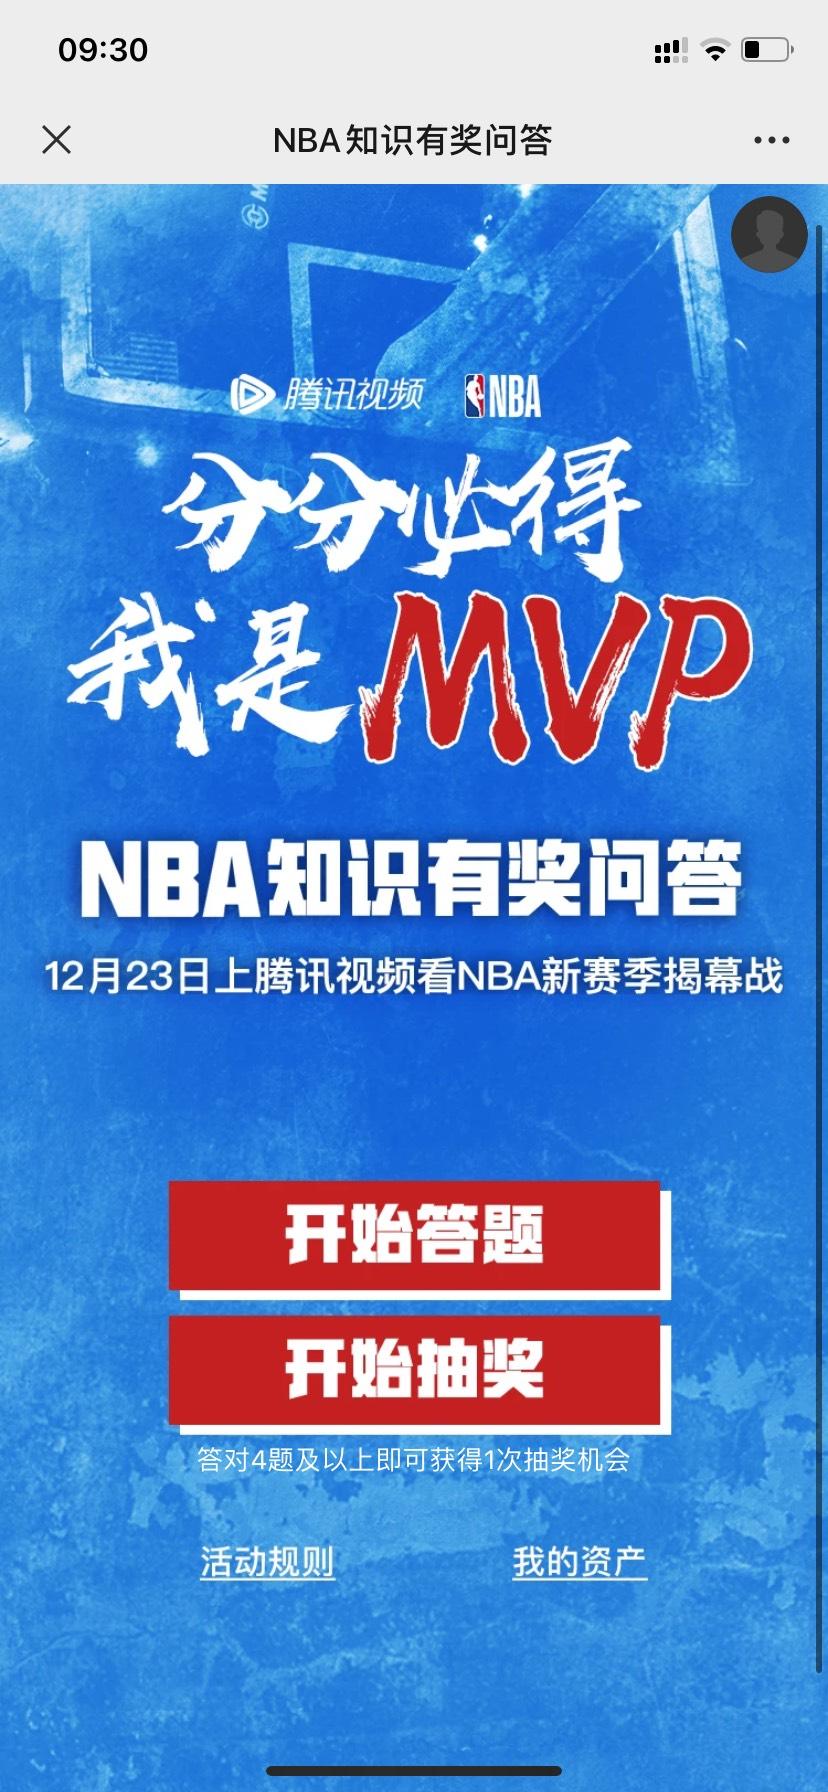 【虚拟物品】NBA知识问答抽腾讯视频会员-聚合资源网